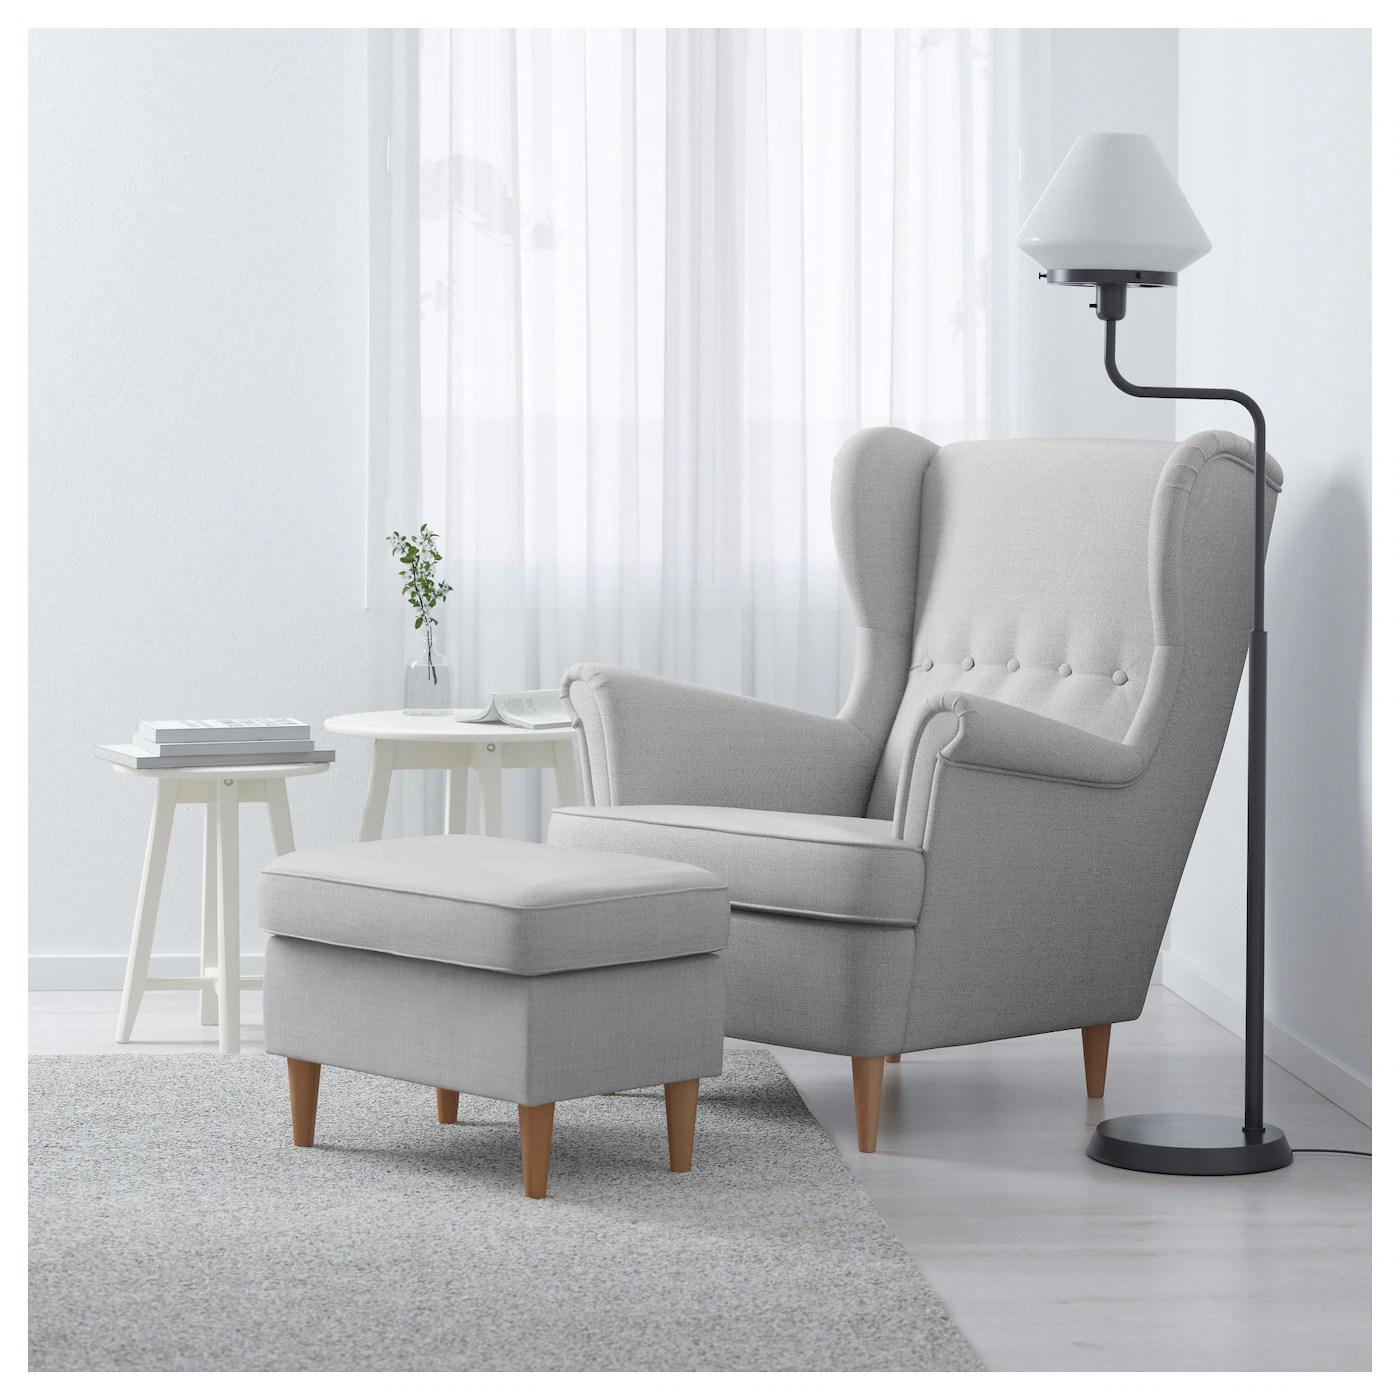 Ikea Sofa Mint 2 And 3 Sitzer Sofas Online Kaufen Möbel Suchmaschine